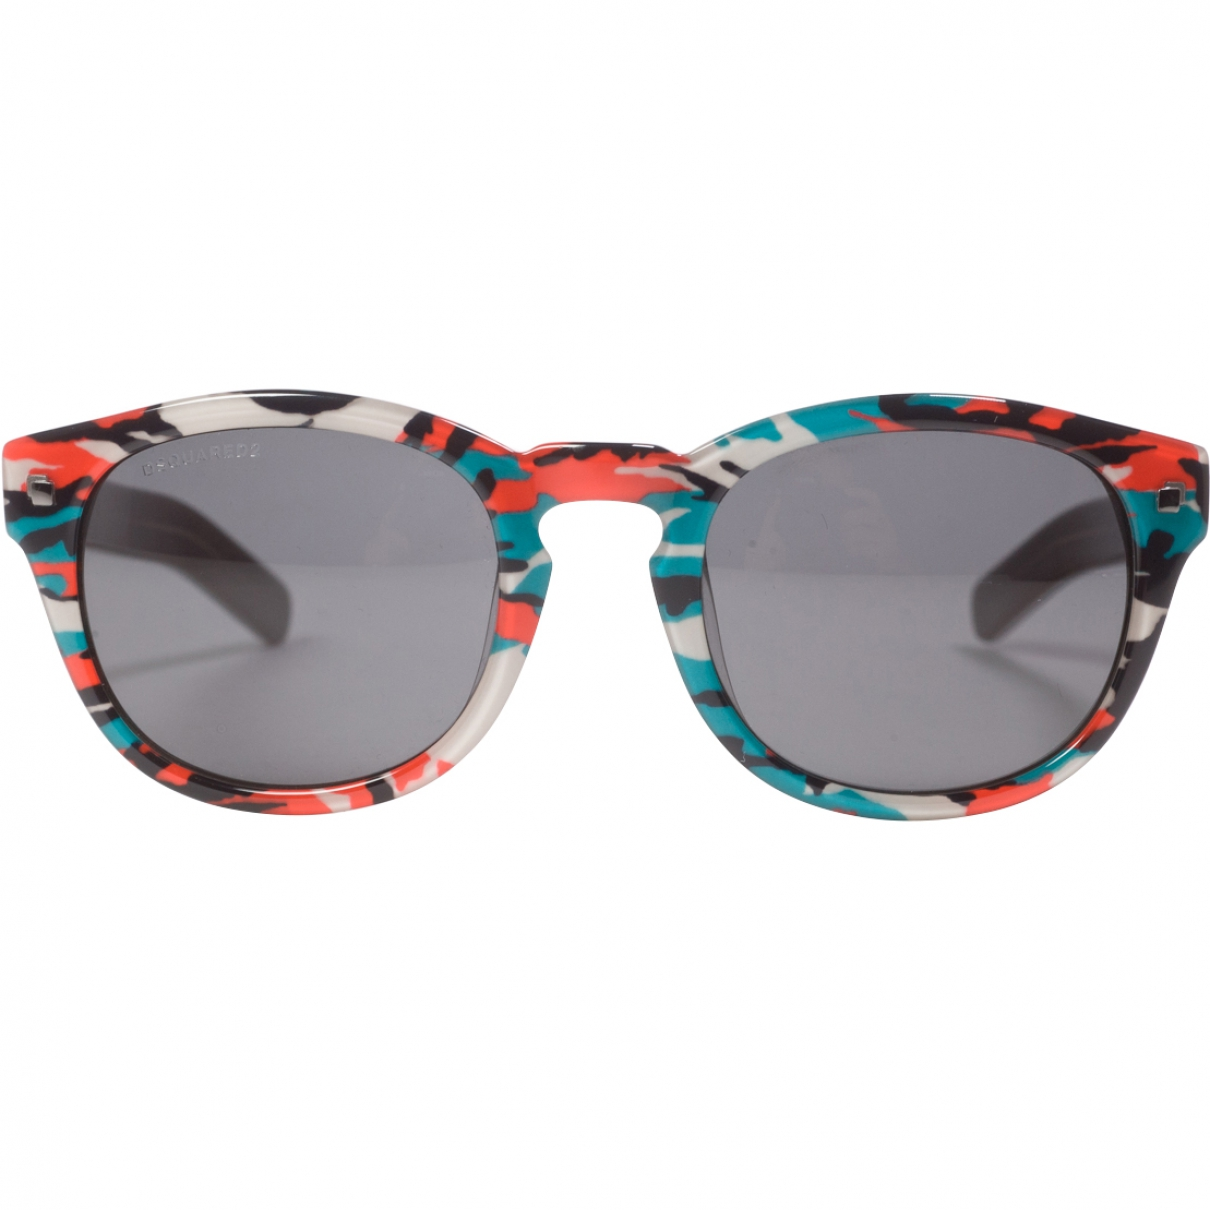 Gafas en Plastico Multicolor Dsquared2